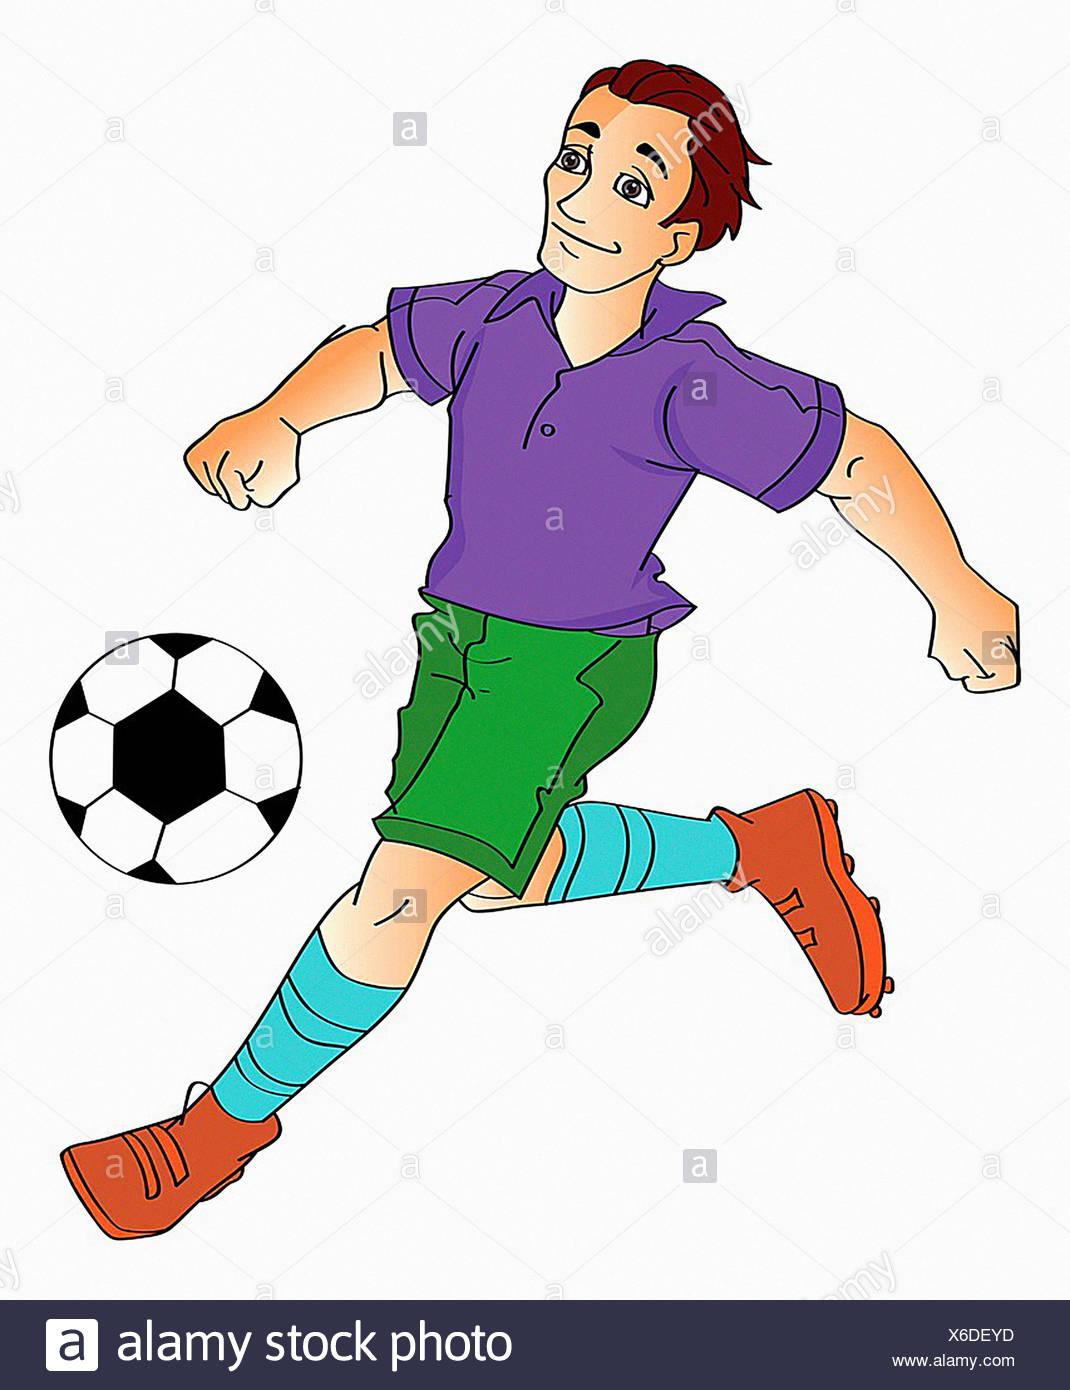 Giovane uomo che giocano a calcio, illustrazione vettoriale Immagini Stock